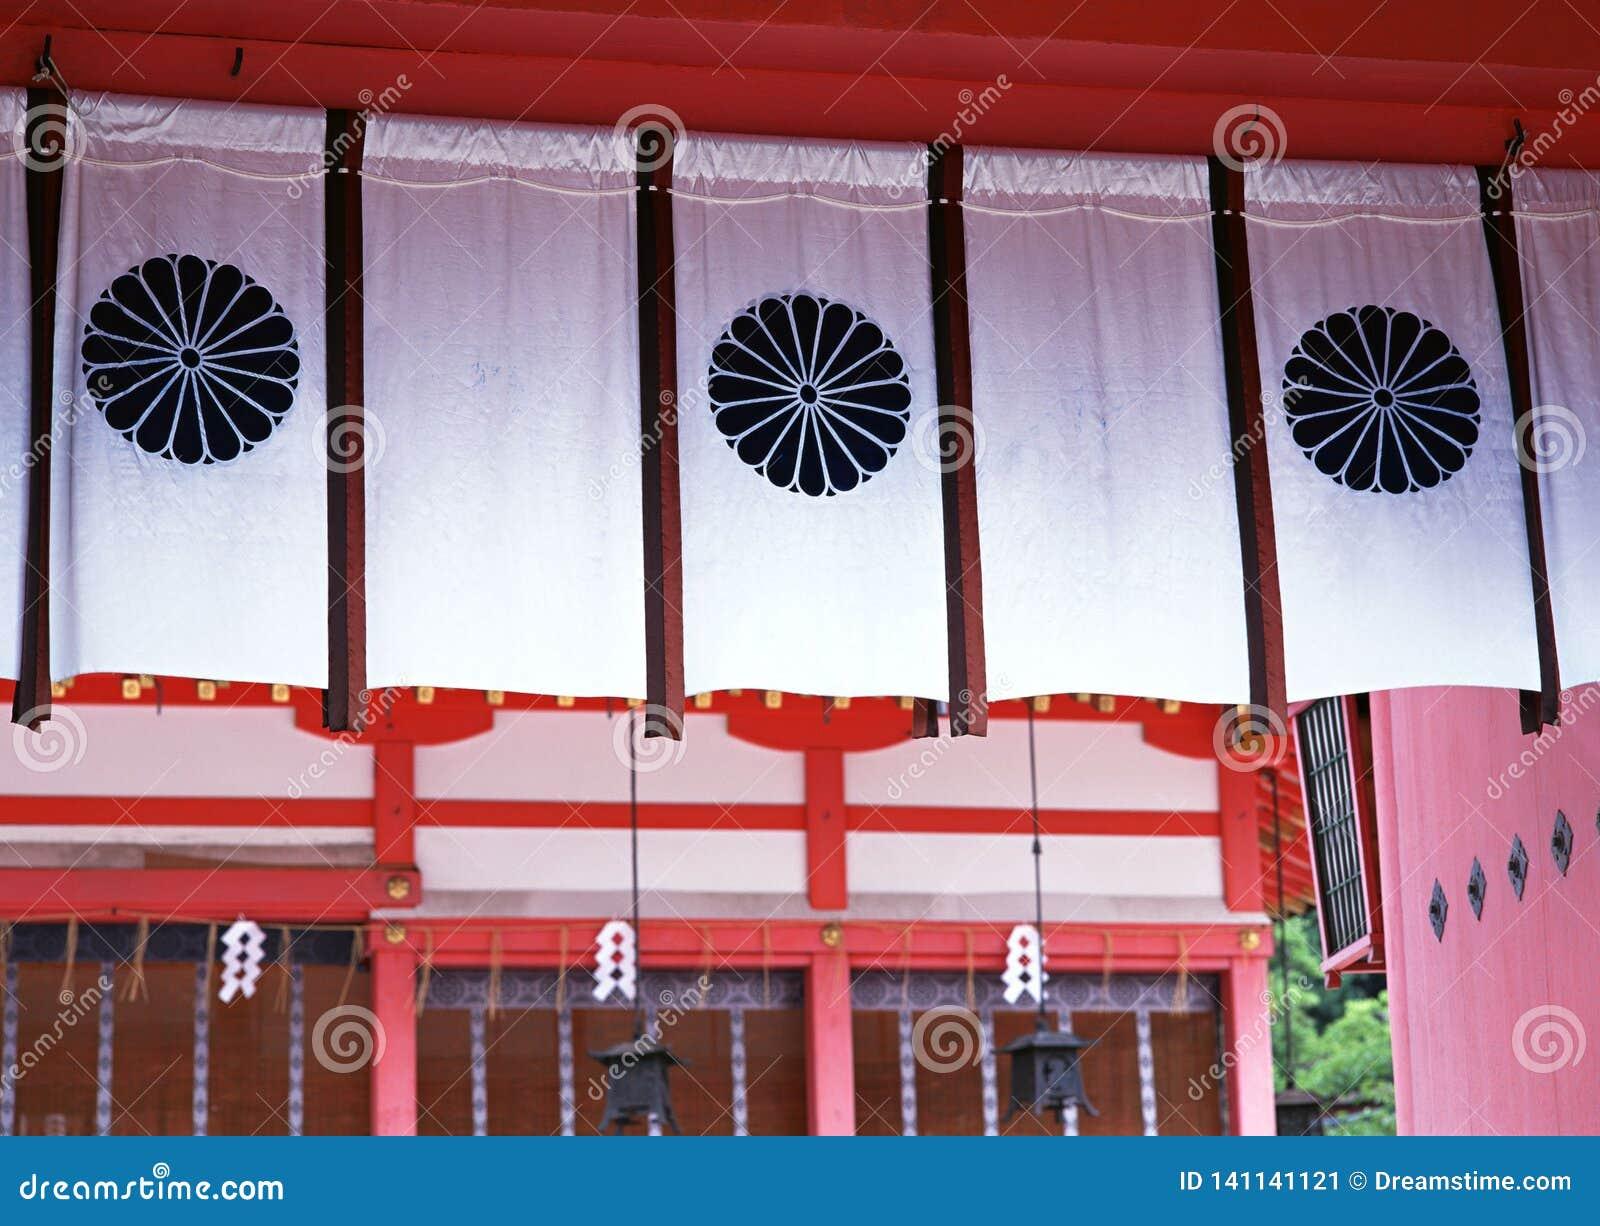 Japanse architecturale witte vertoningsgordijnen met bloemenpatronen daarin achtergrond